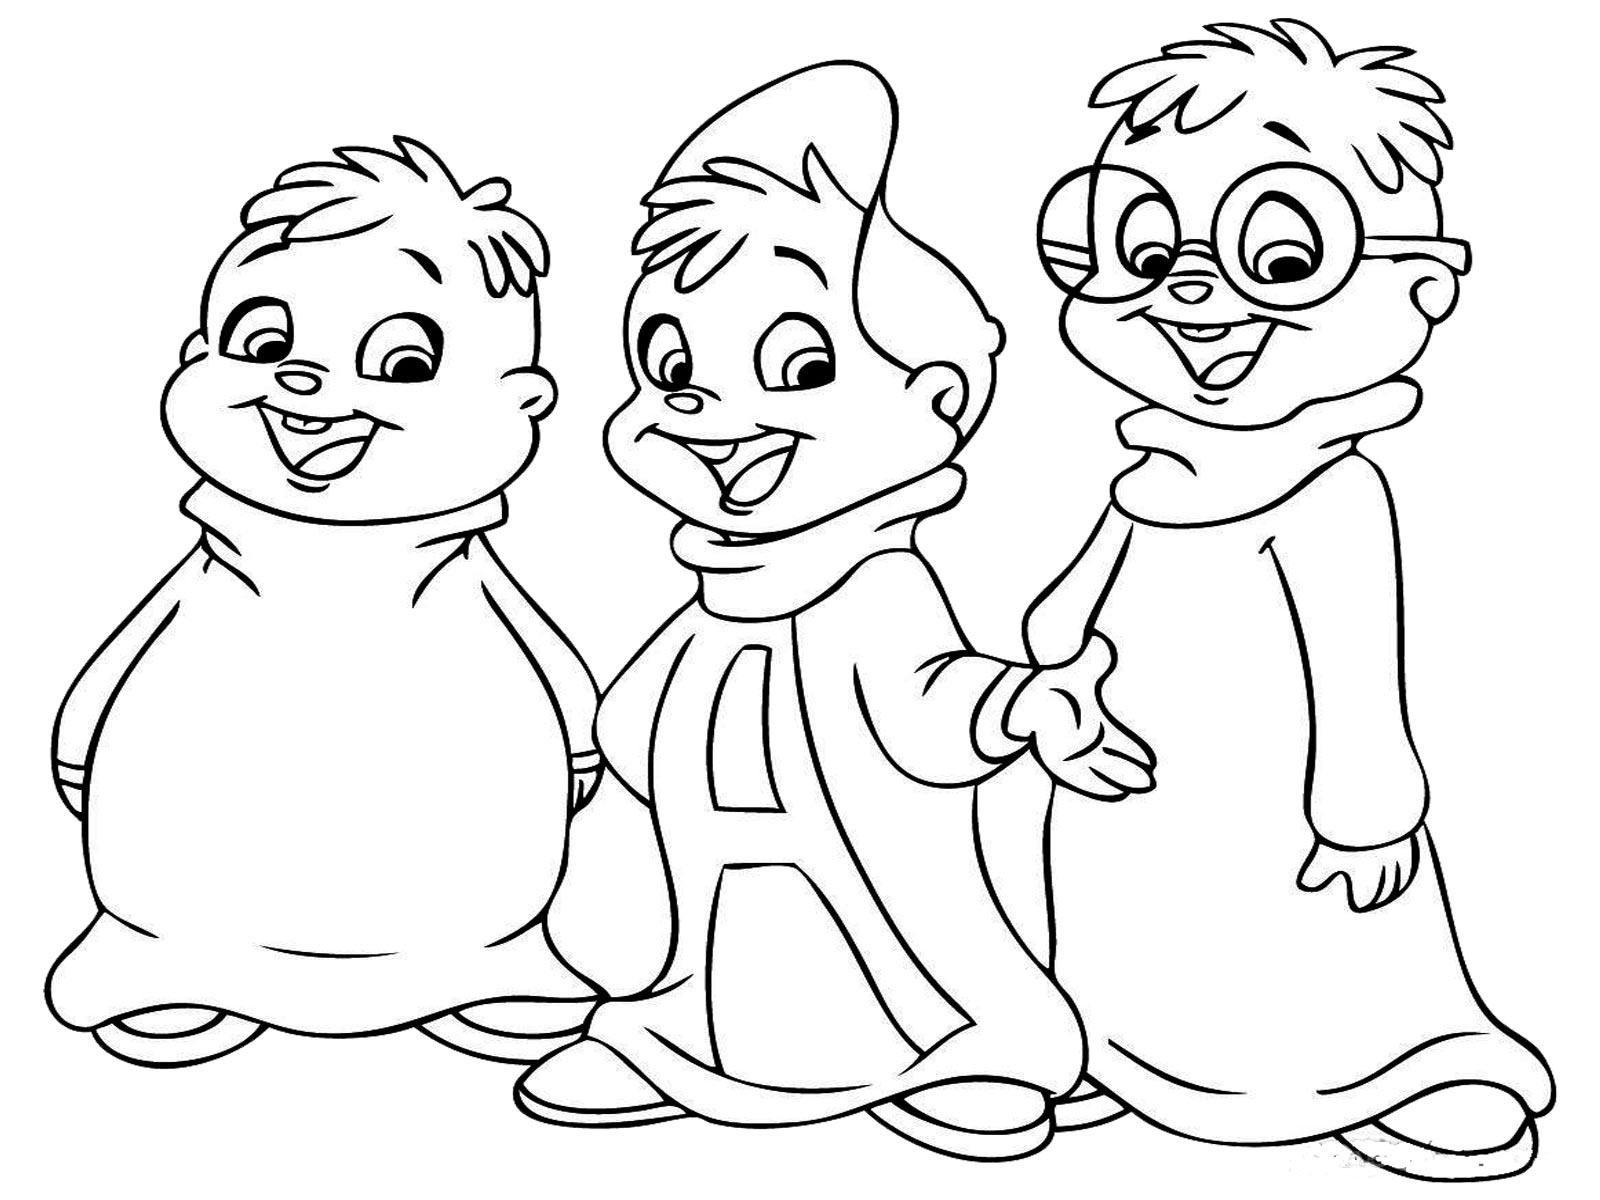 Alvin Et Les Chipmunks #58 (Films D'animation) – Coloriages encequiconcerne Dessin De Alvin Et Les Chipmunks